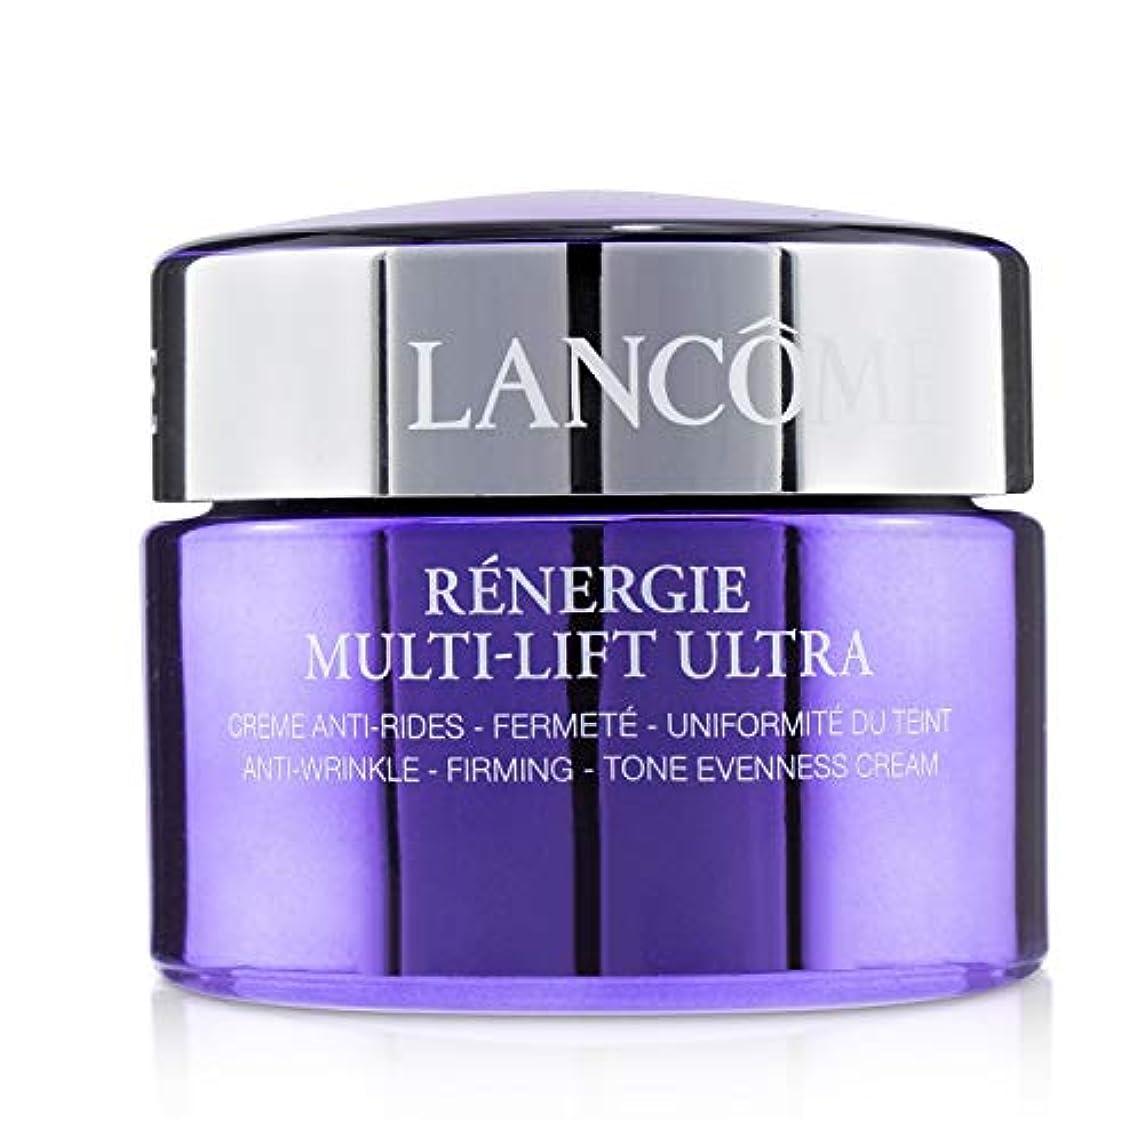 ランコム Renergie Multi-Lift Ultra Anti-Wrinkle, Firming & Tone Evenness Cream 50ml/1.7oz並行輸入品